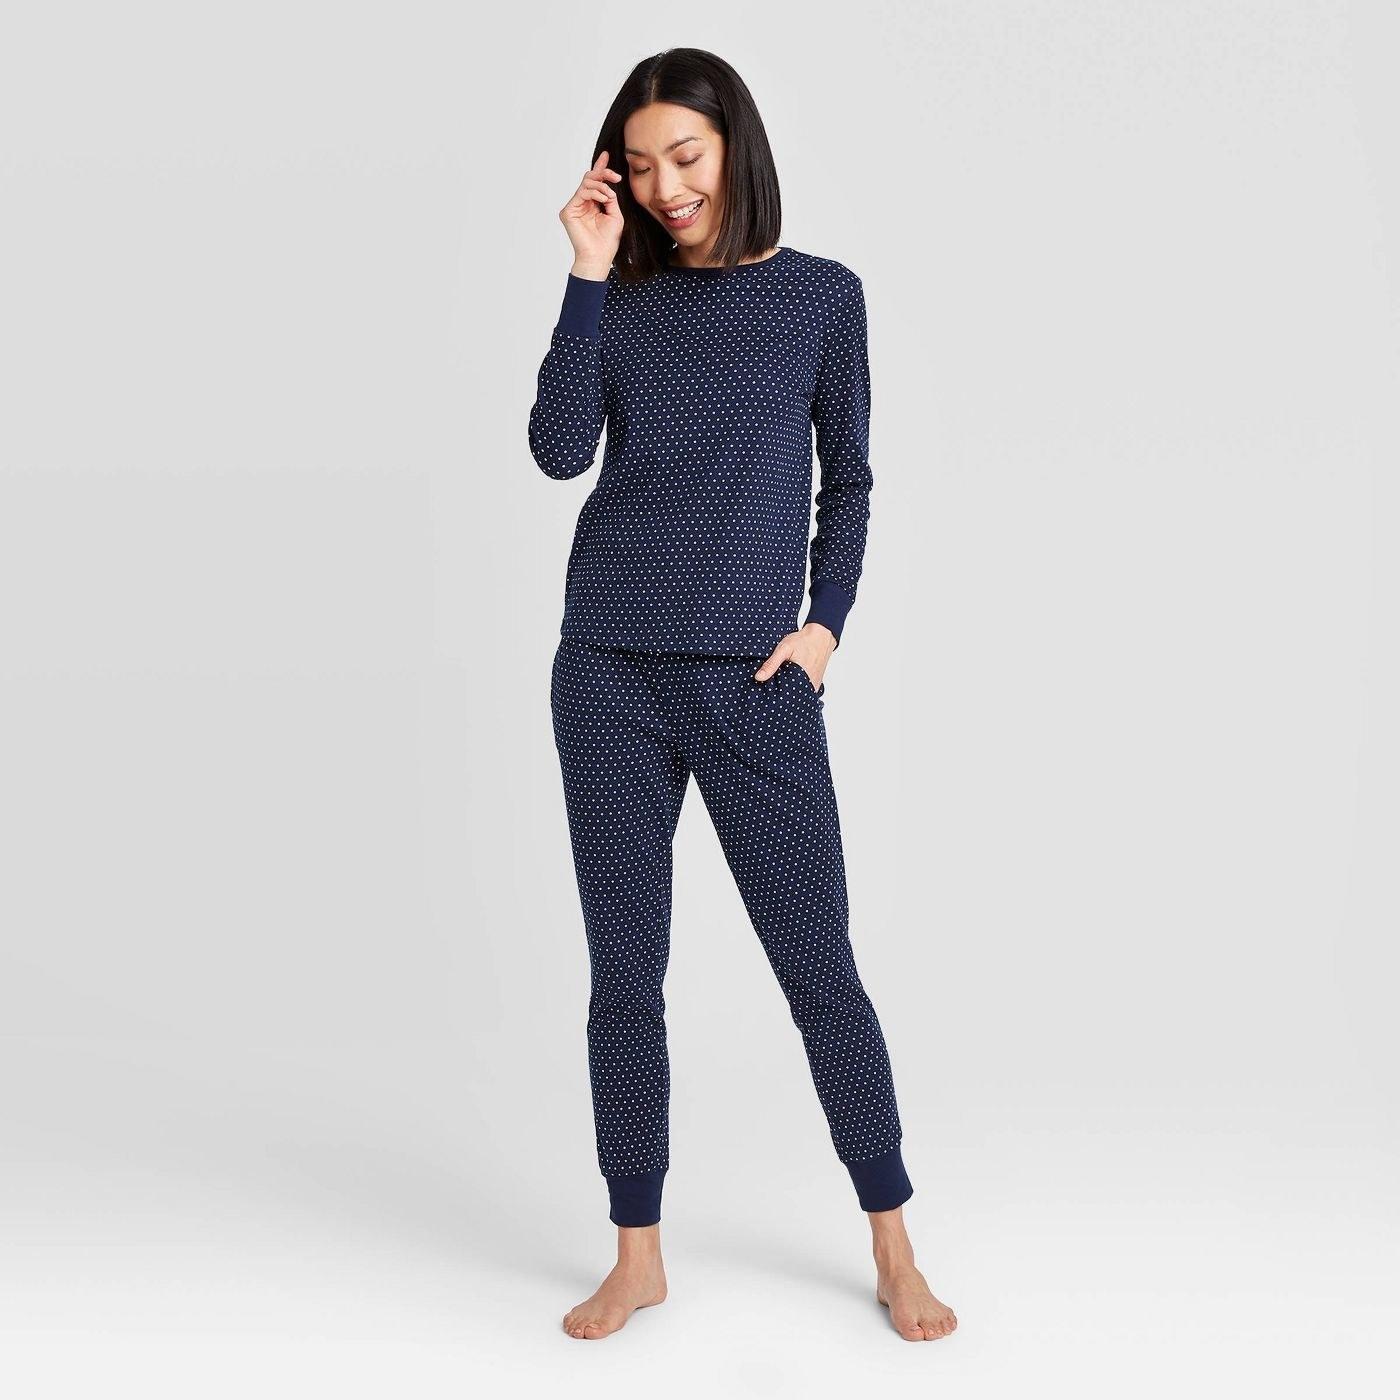 Model in polka dot pajama set